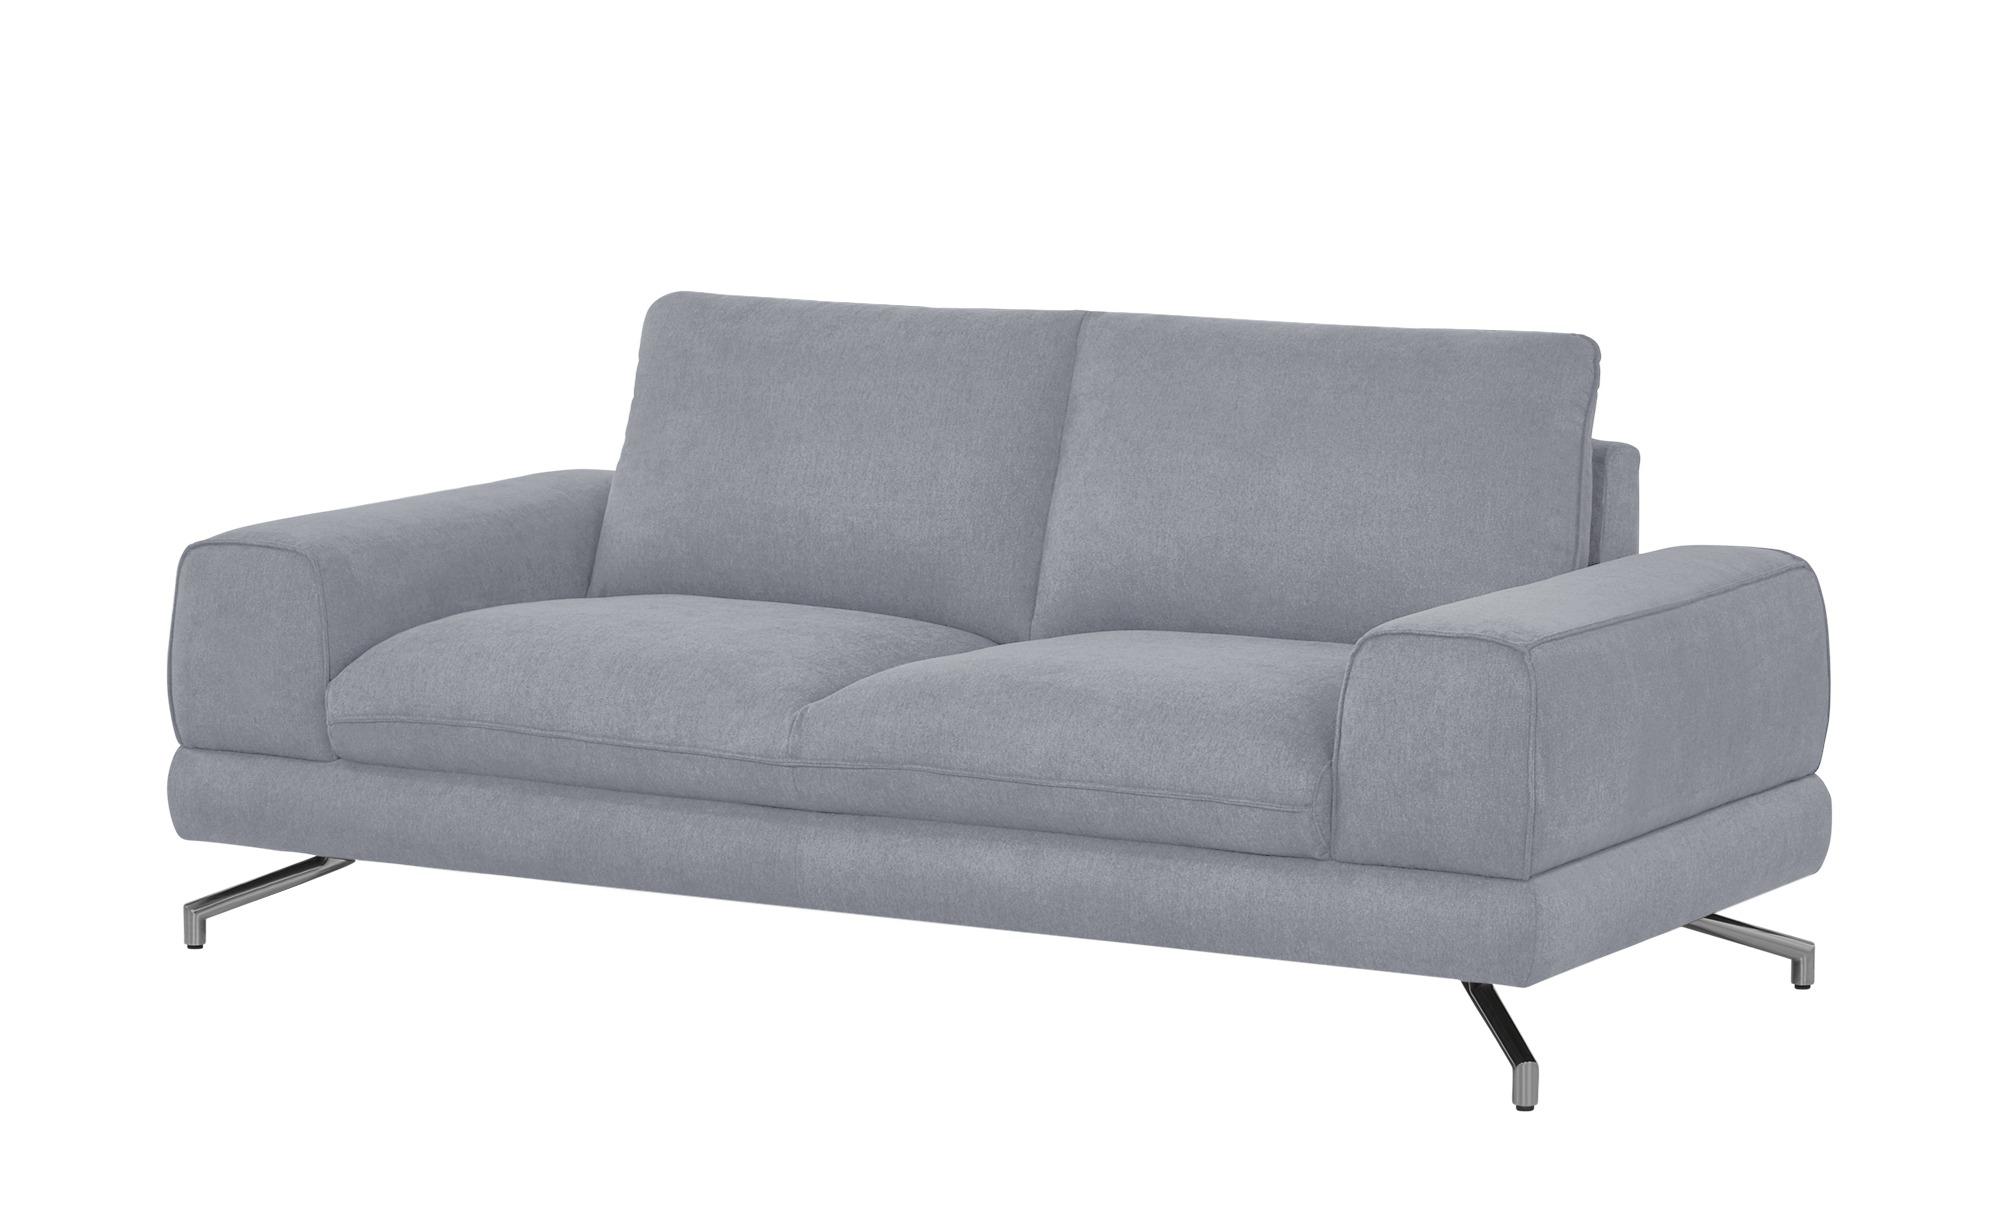 smart Sofa grau - Stoff Bonika ¦ grau ¦ Maße (cm): B: 198 H: 83 T: 95 Polstermöbel > Sofas > Einzelsofas - Höffner